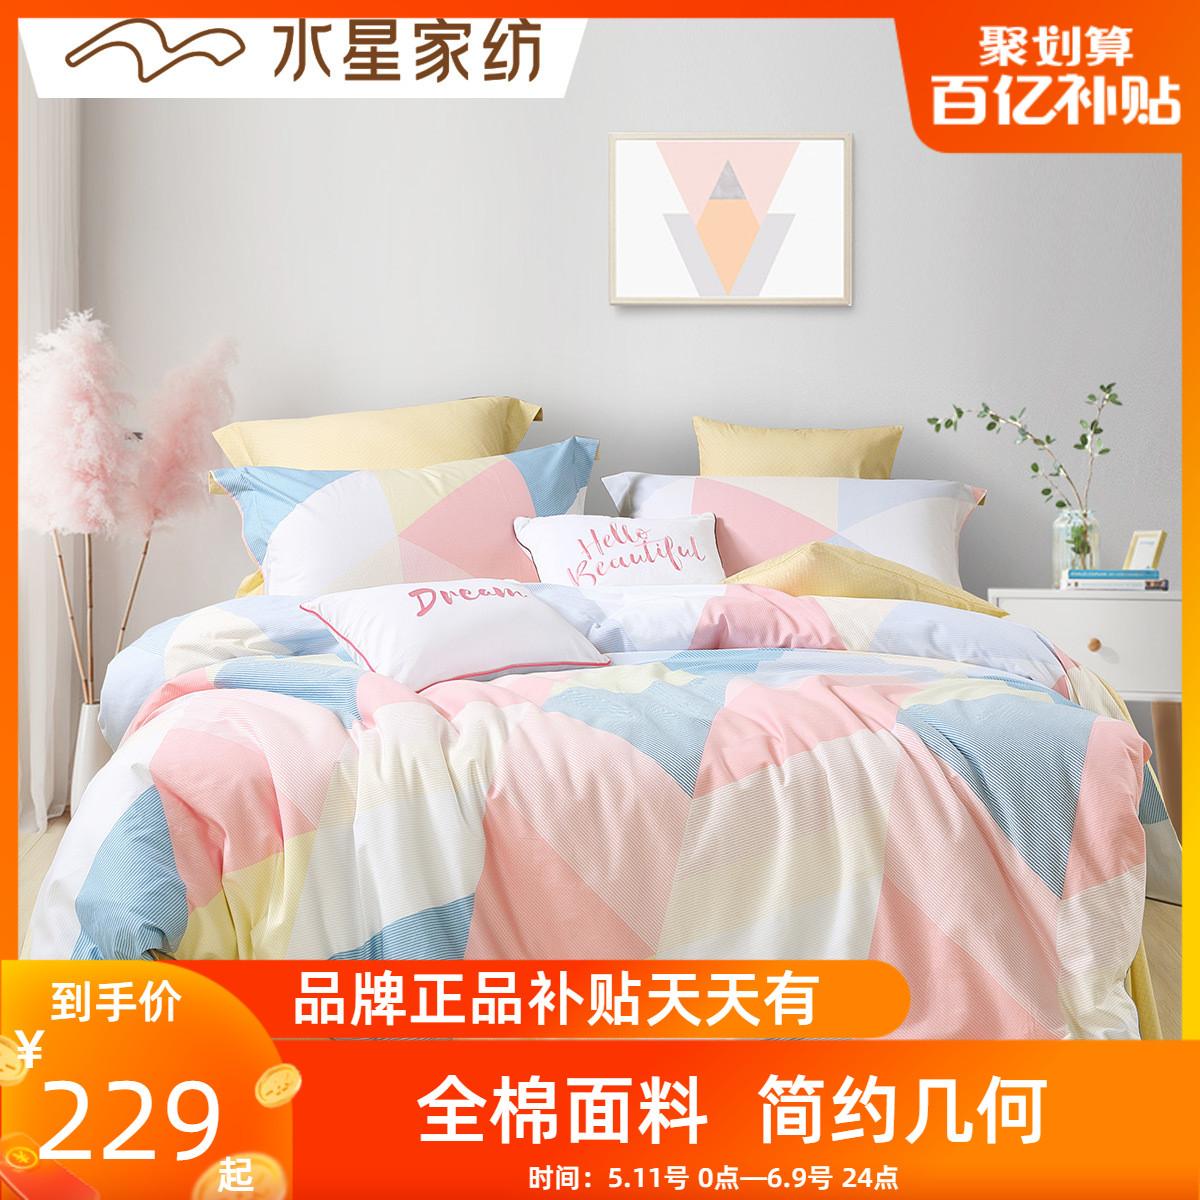 水星家纺纯棉四件套全棉高支简约北欧风被套床单多伦颂床上用品图片